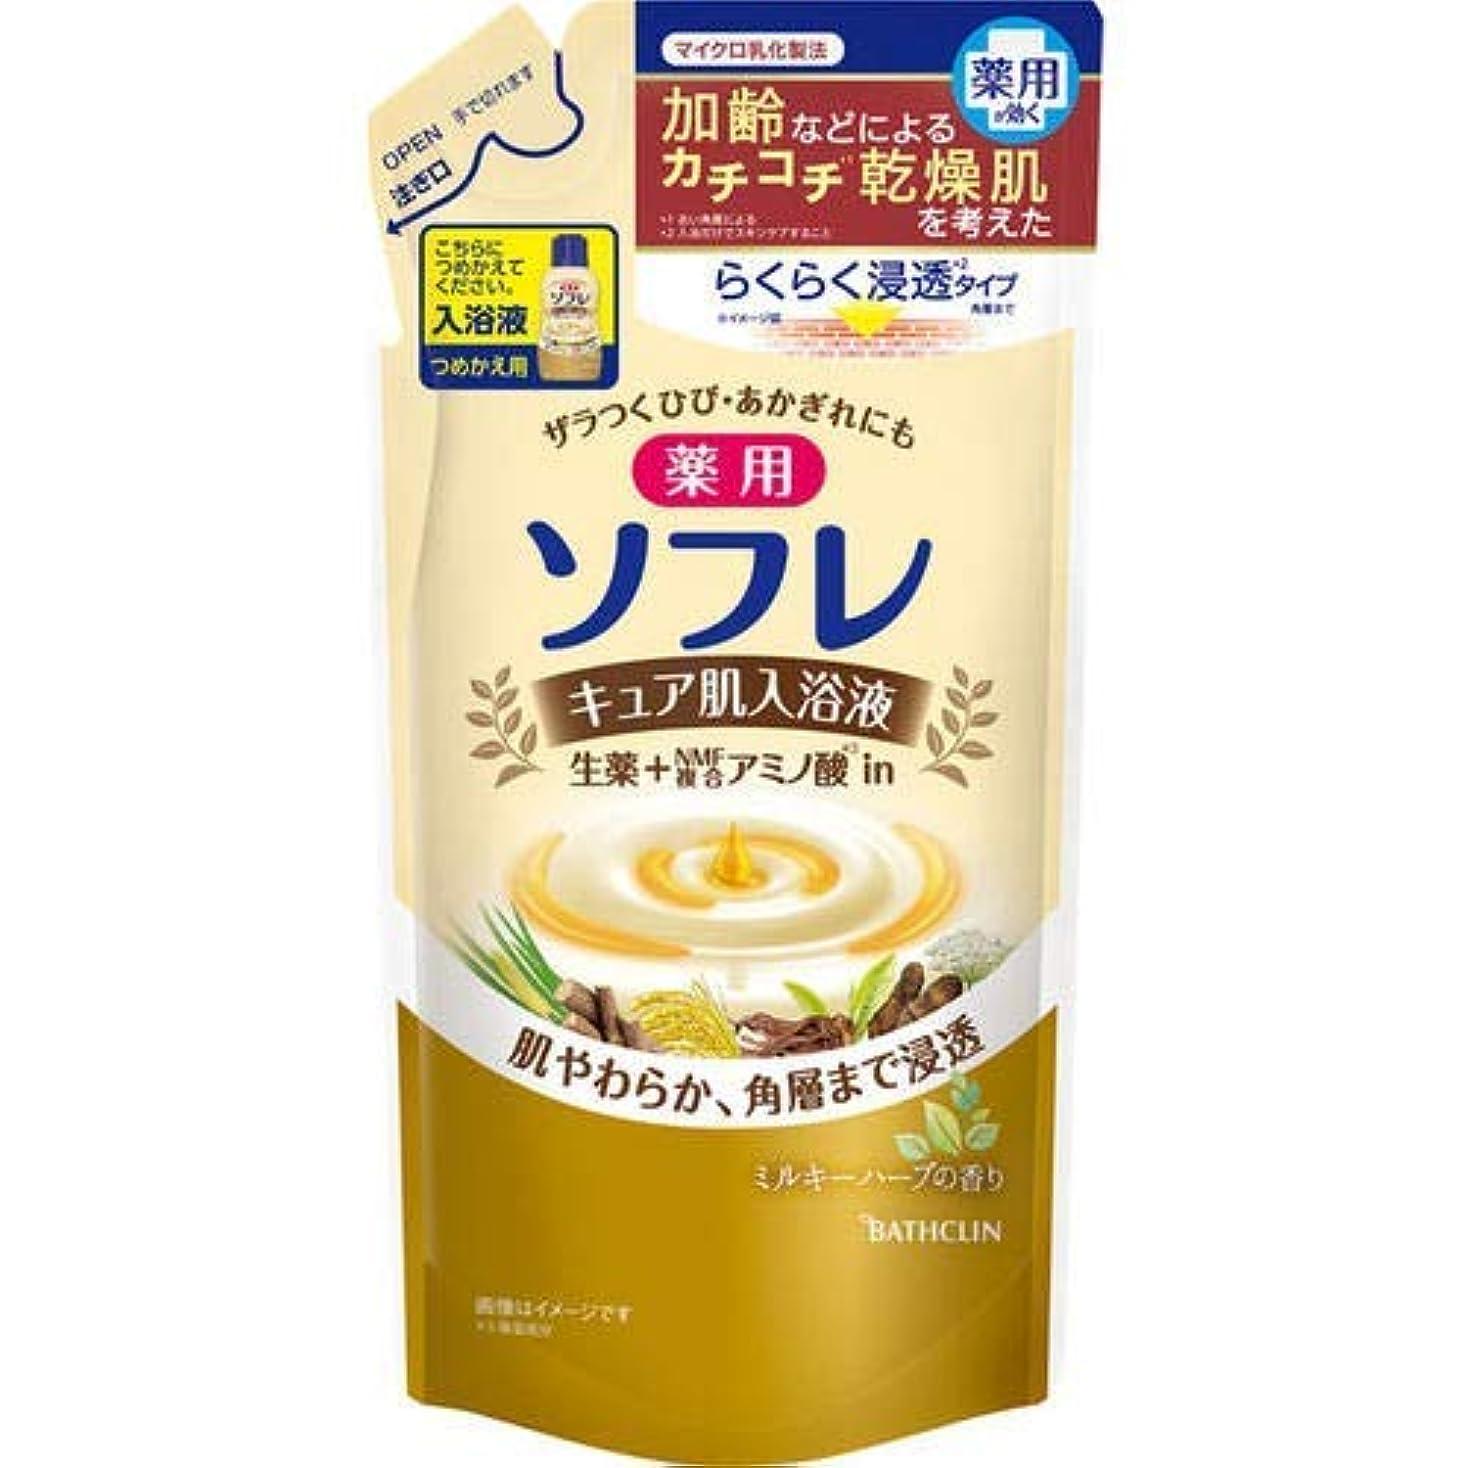 レモン染色くるくる薬用ソフレ キュア肌入浴液 ミルキーハーブの香り 400ml × 12個セット